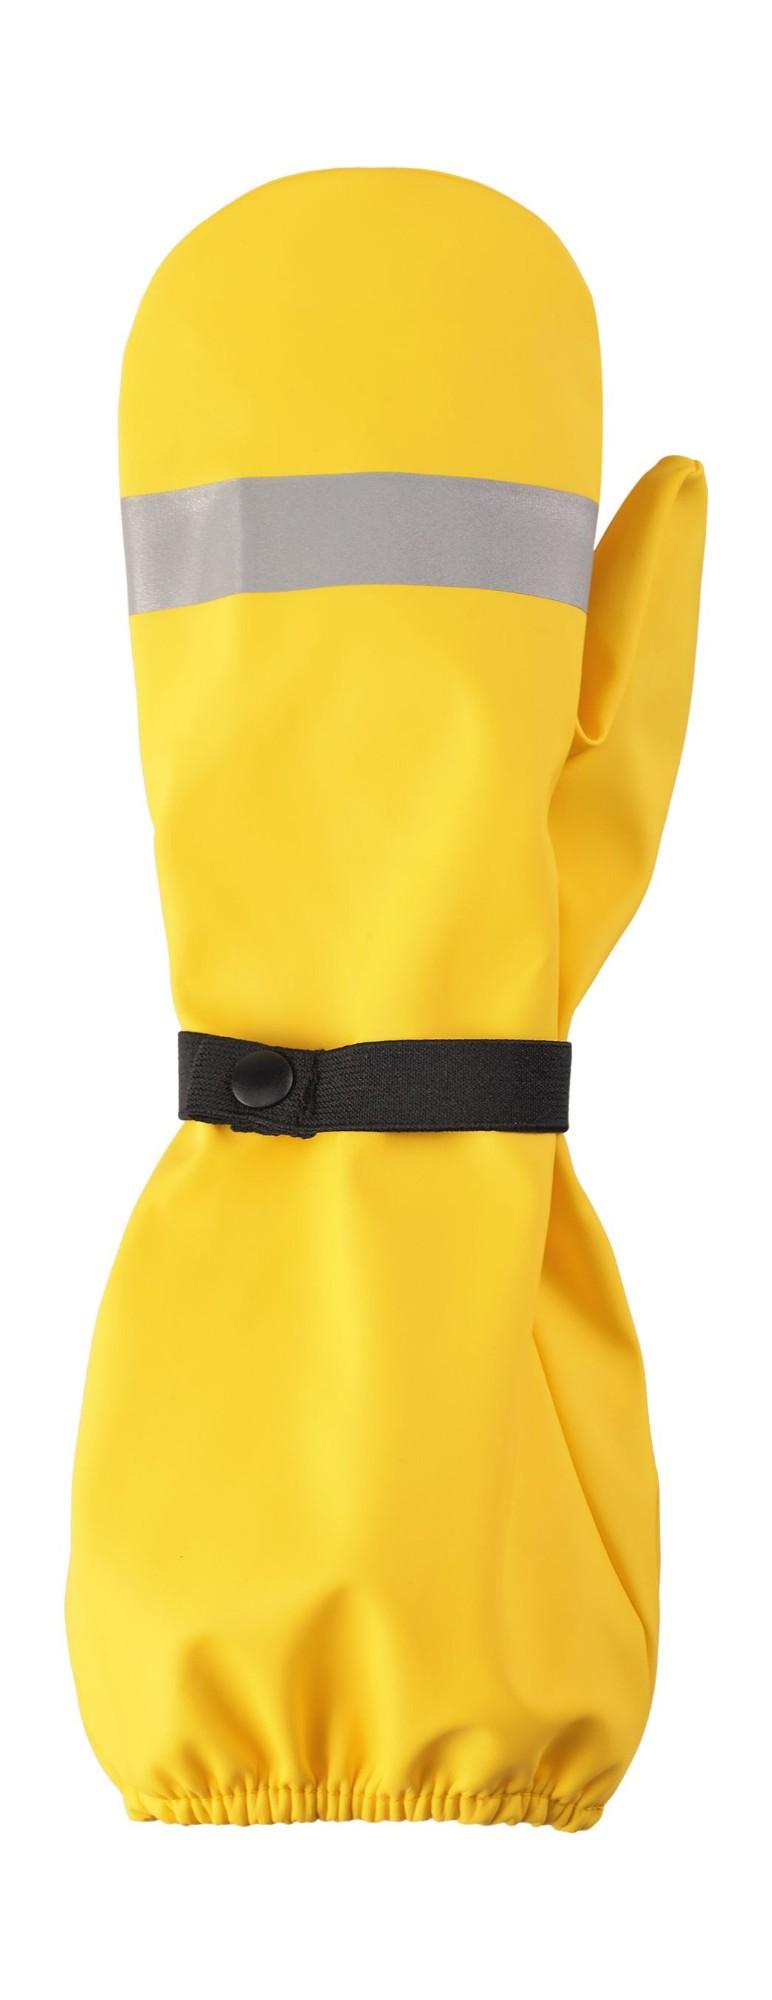 REIMA Kura Yellow 1